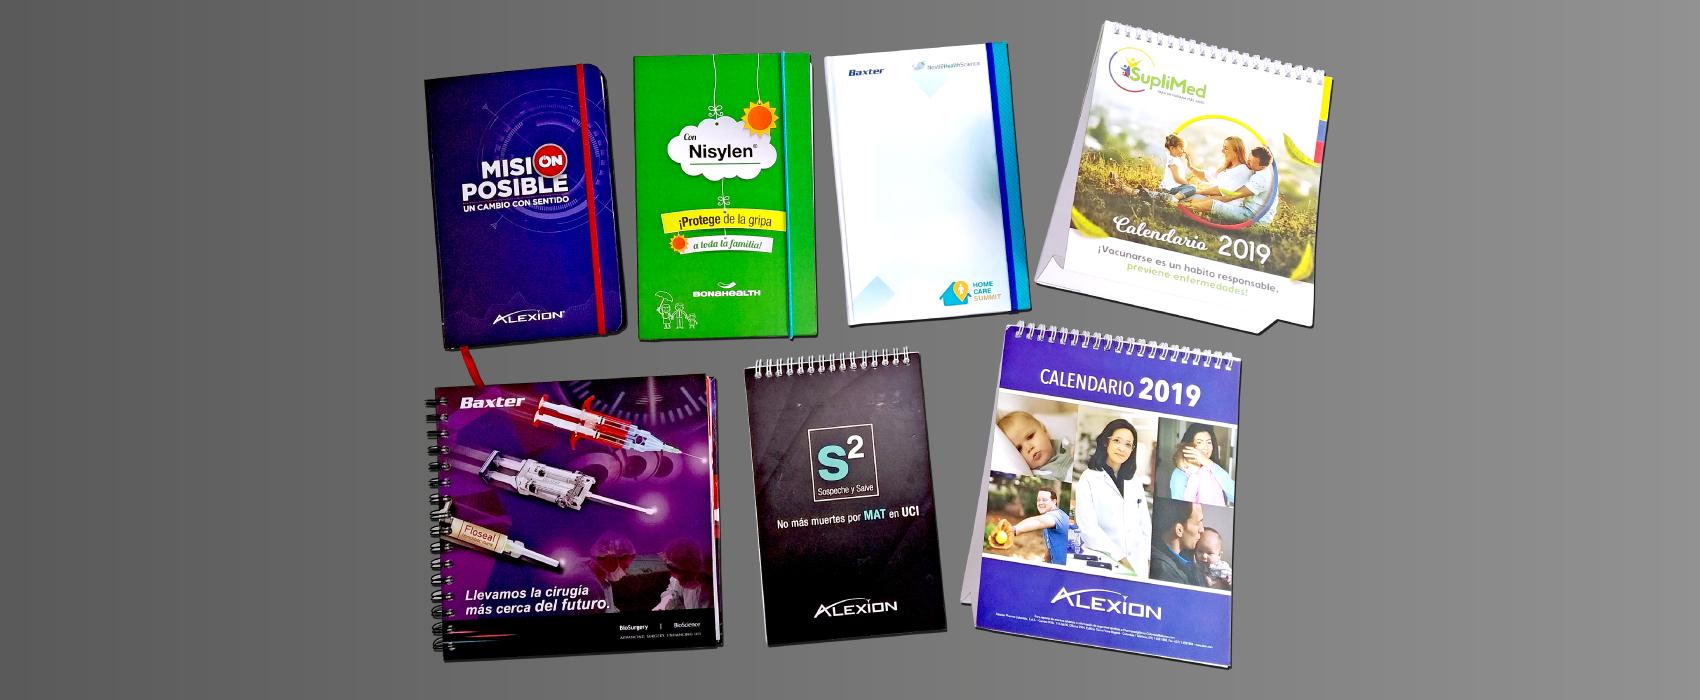 Proyección, Proyección digital, Agencia, Publicidad, Marketing, Mercadeo, Estrategias, Eventos, Lanzamientos, Comunicación